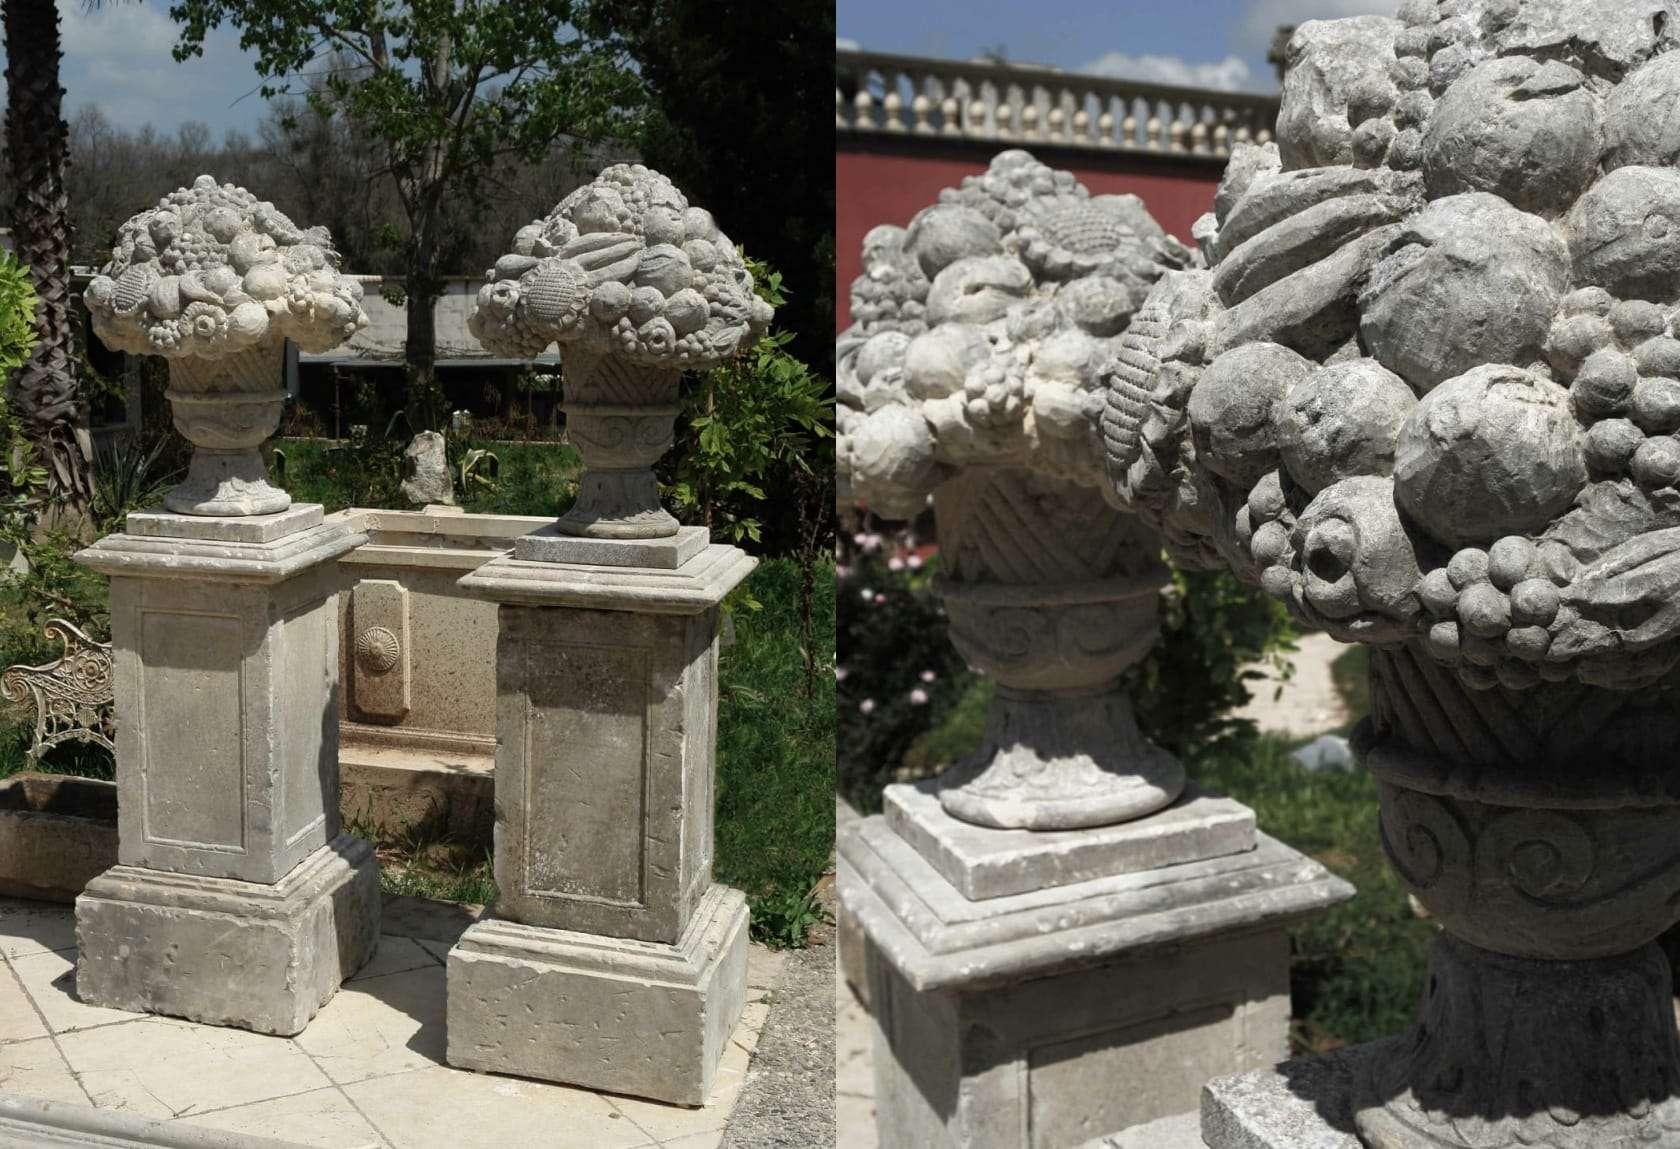 Quattro stagioni sculture pietra di vicenza for Arredo giardino lecce